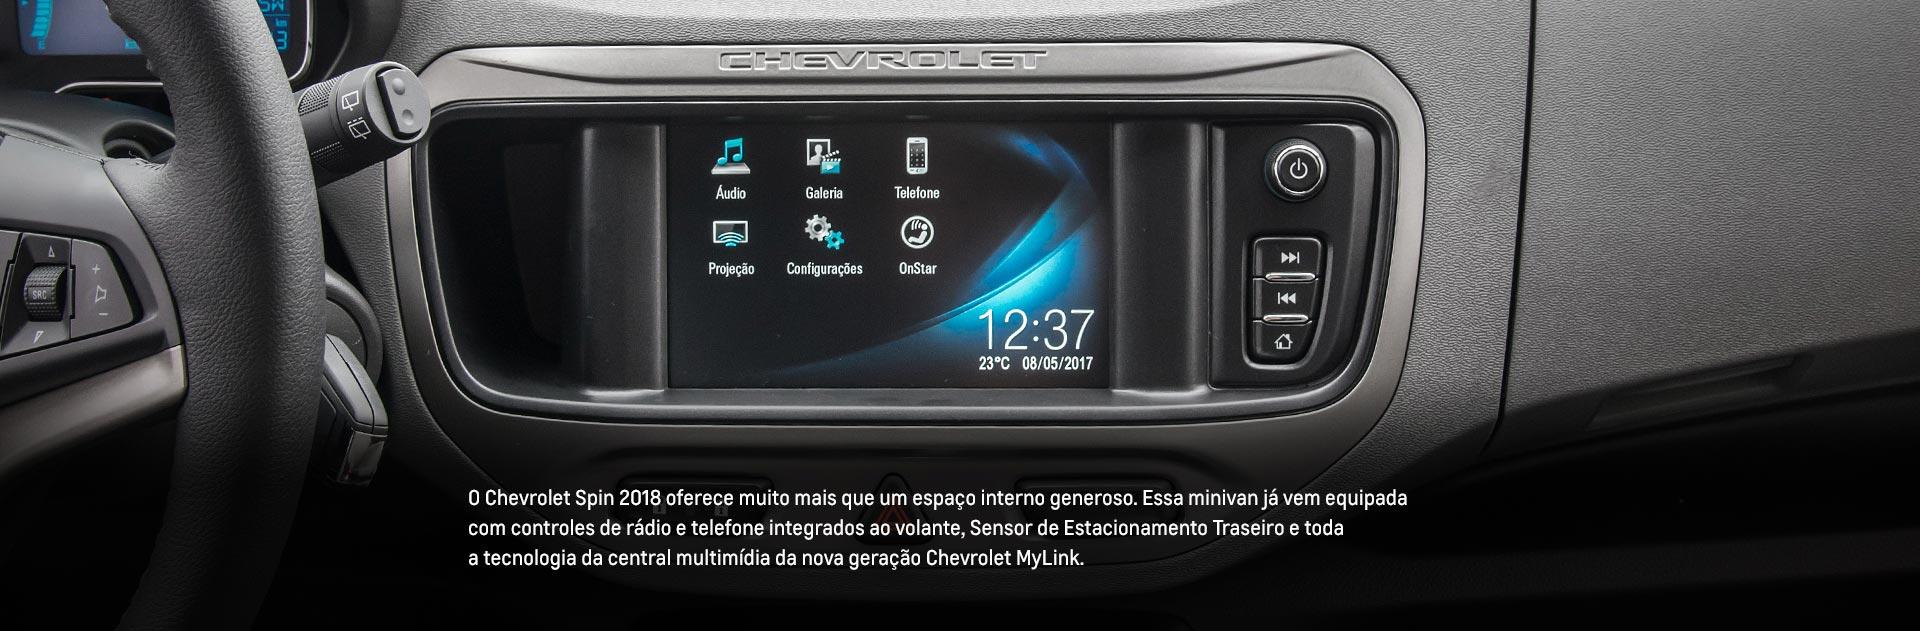 Spin - Mylink - Dig Chevrolet